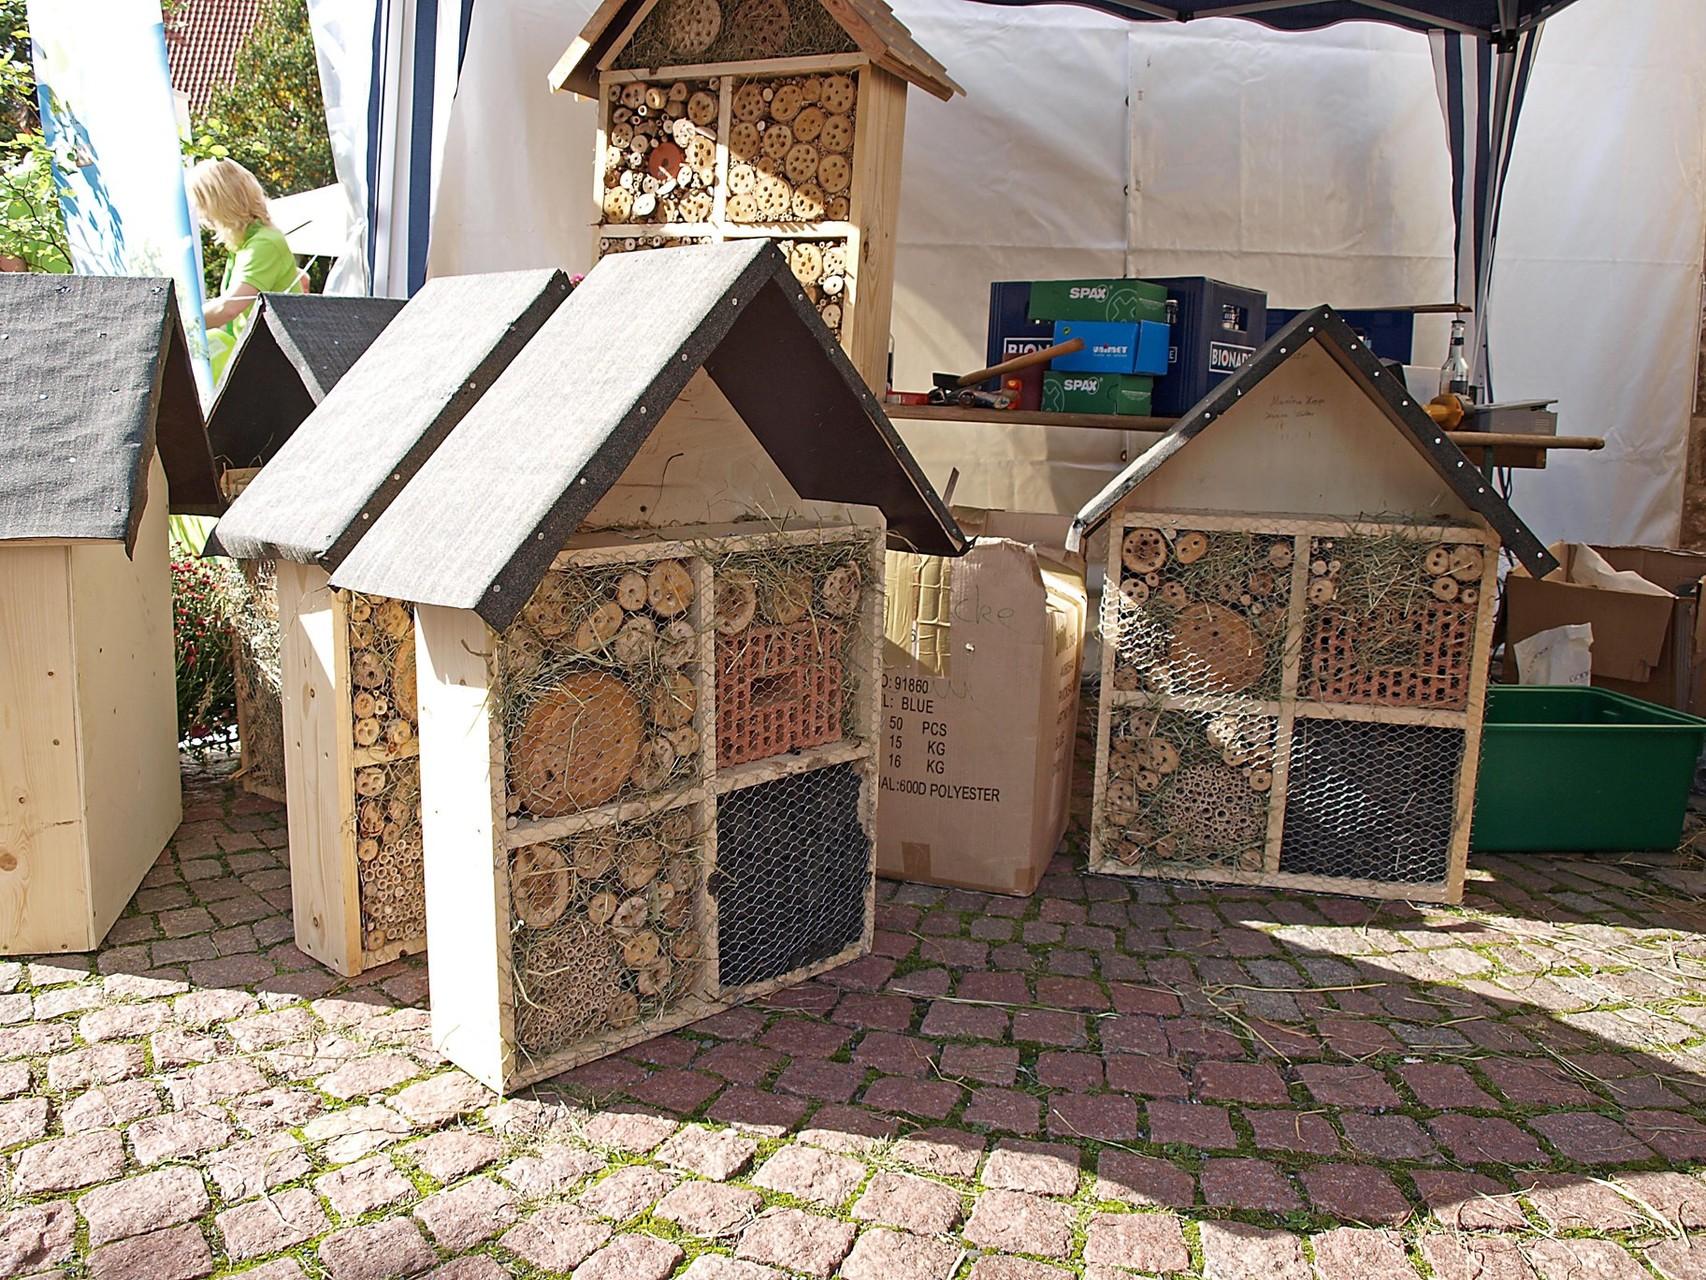 Auch für Insektenhotels gibt es Anleitungen. - Foto: Kathy Büscher